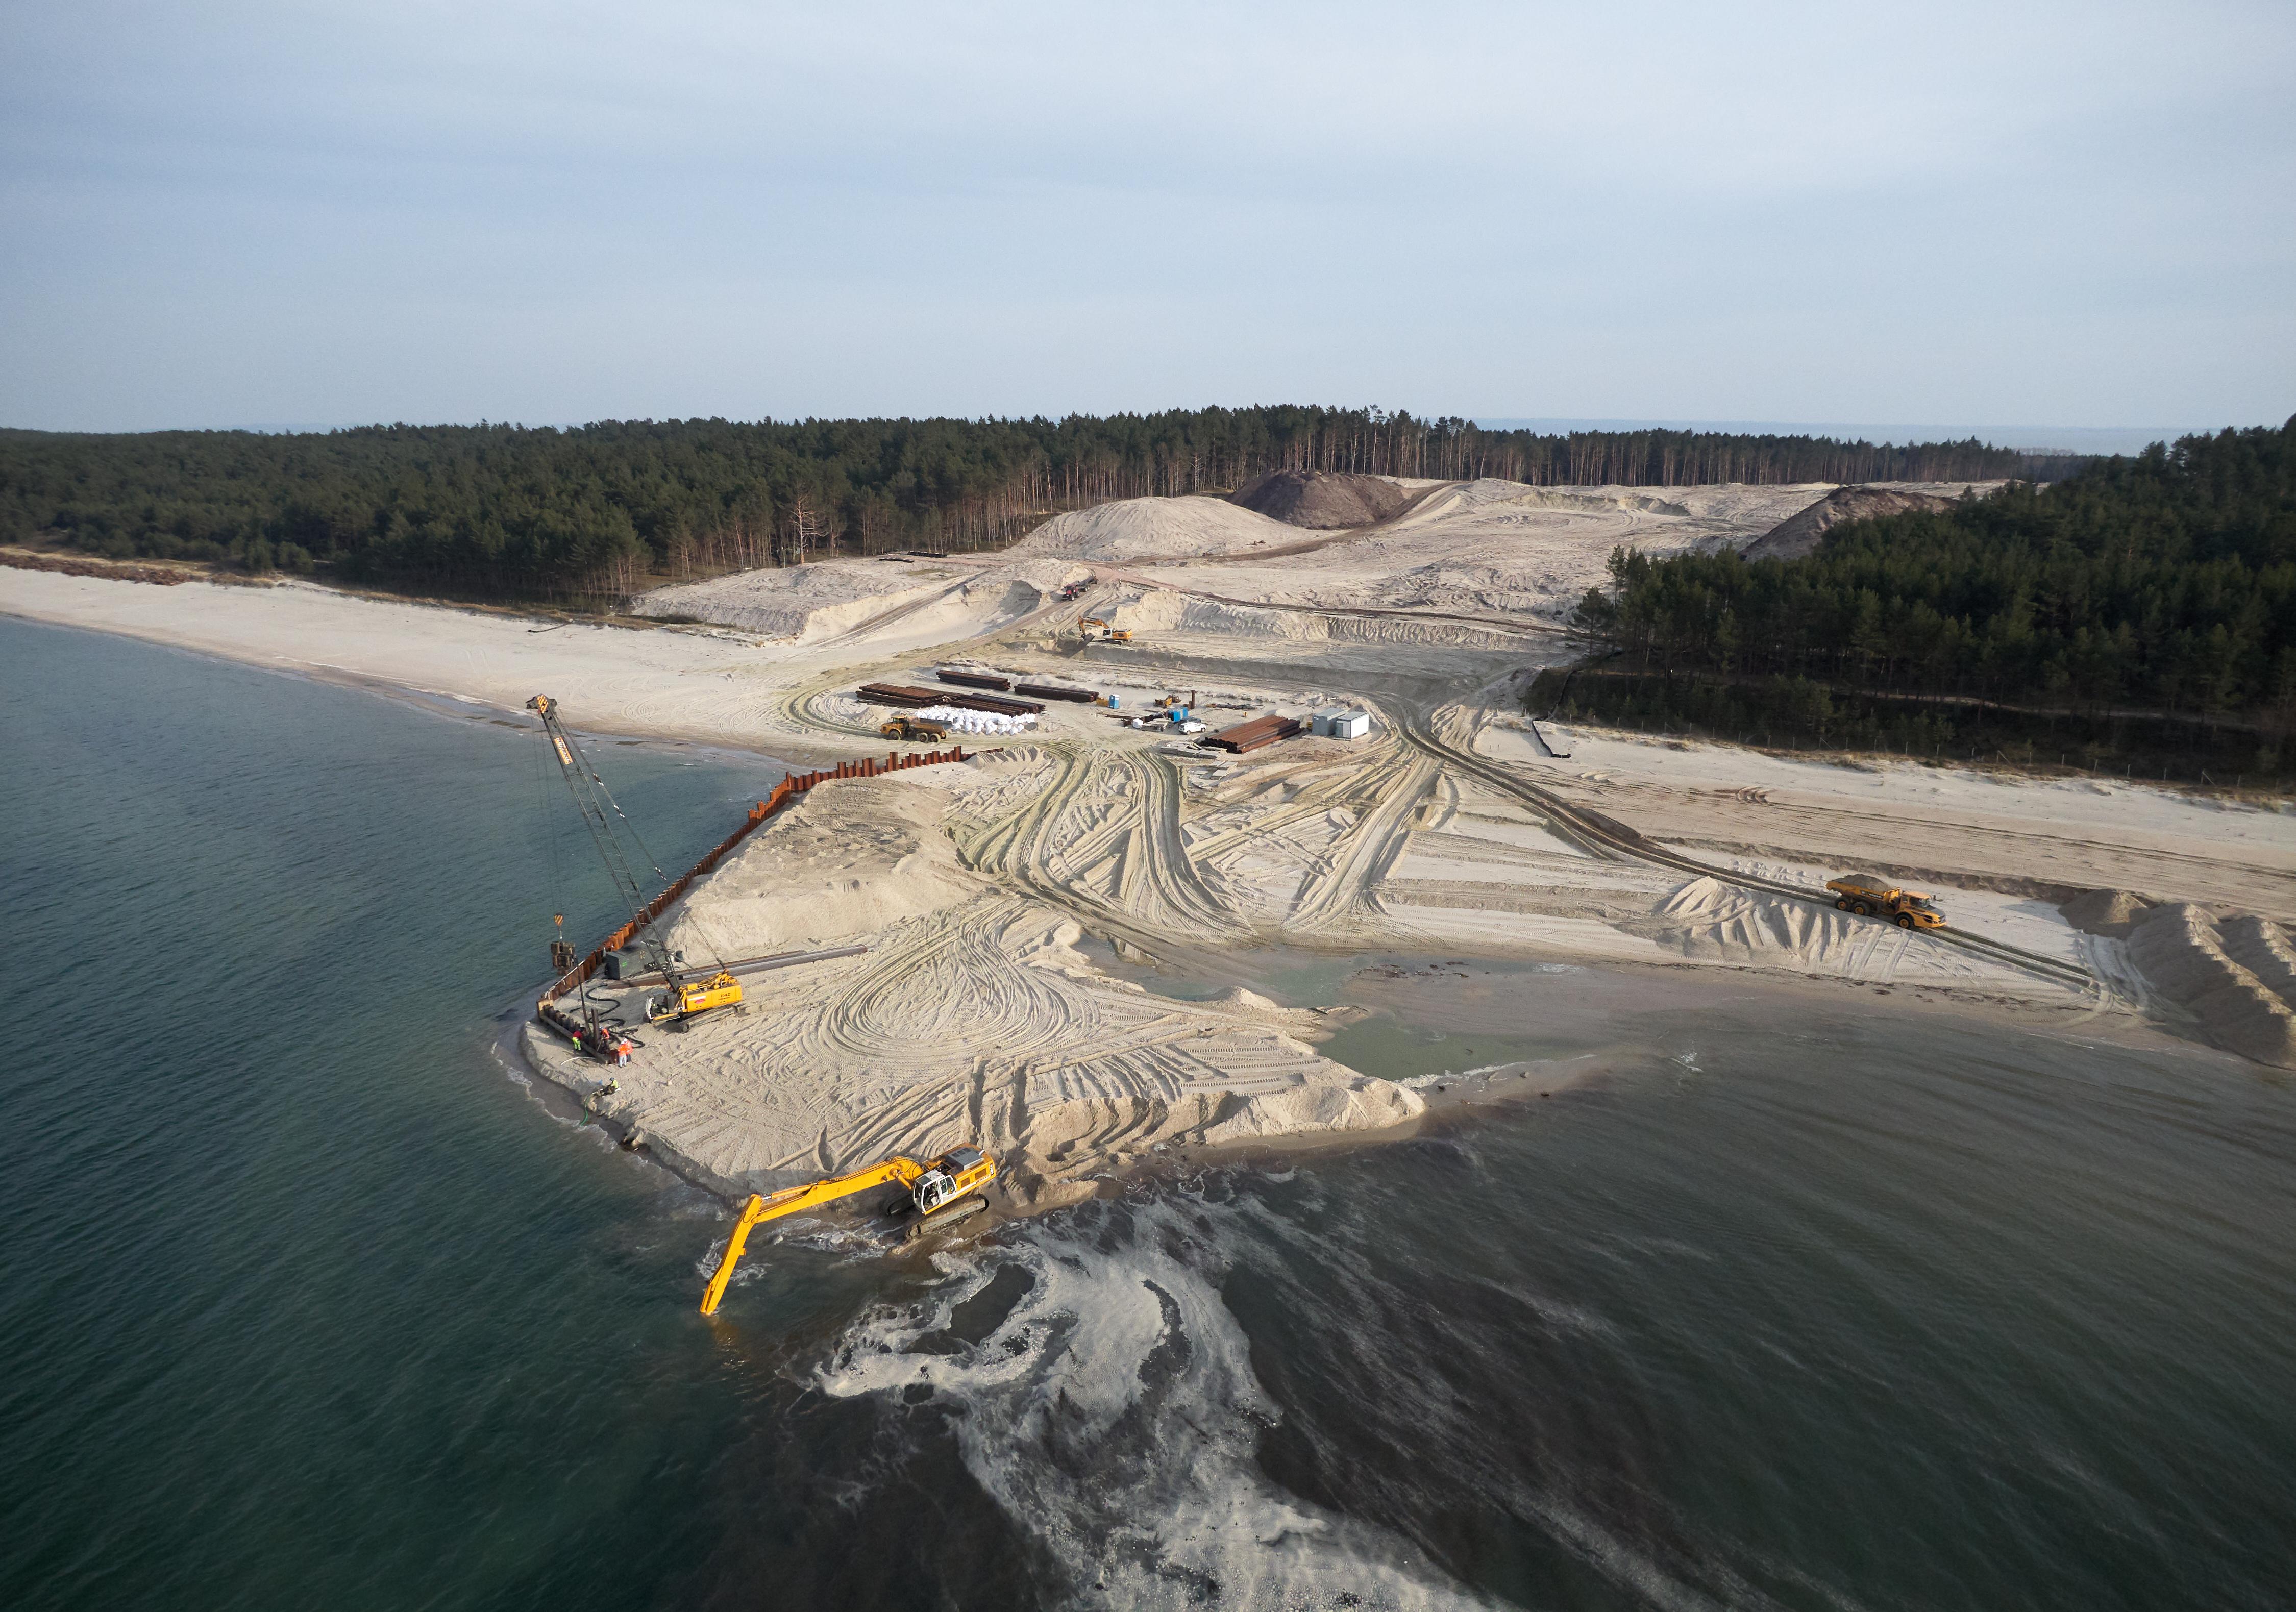 Komunikat dot. budowy drogi wodnej łączącej Zalew Wiąlany z Zatoką Gdańską – kwiecień 2020